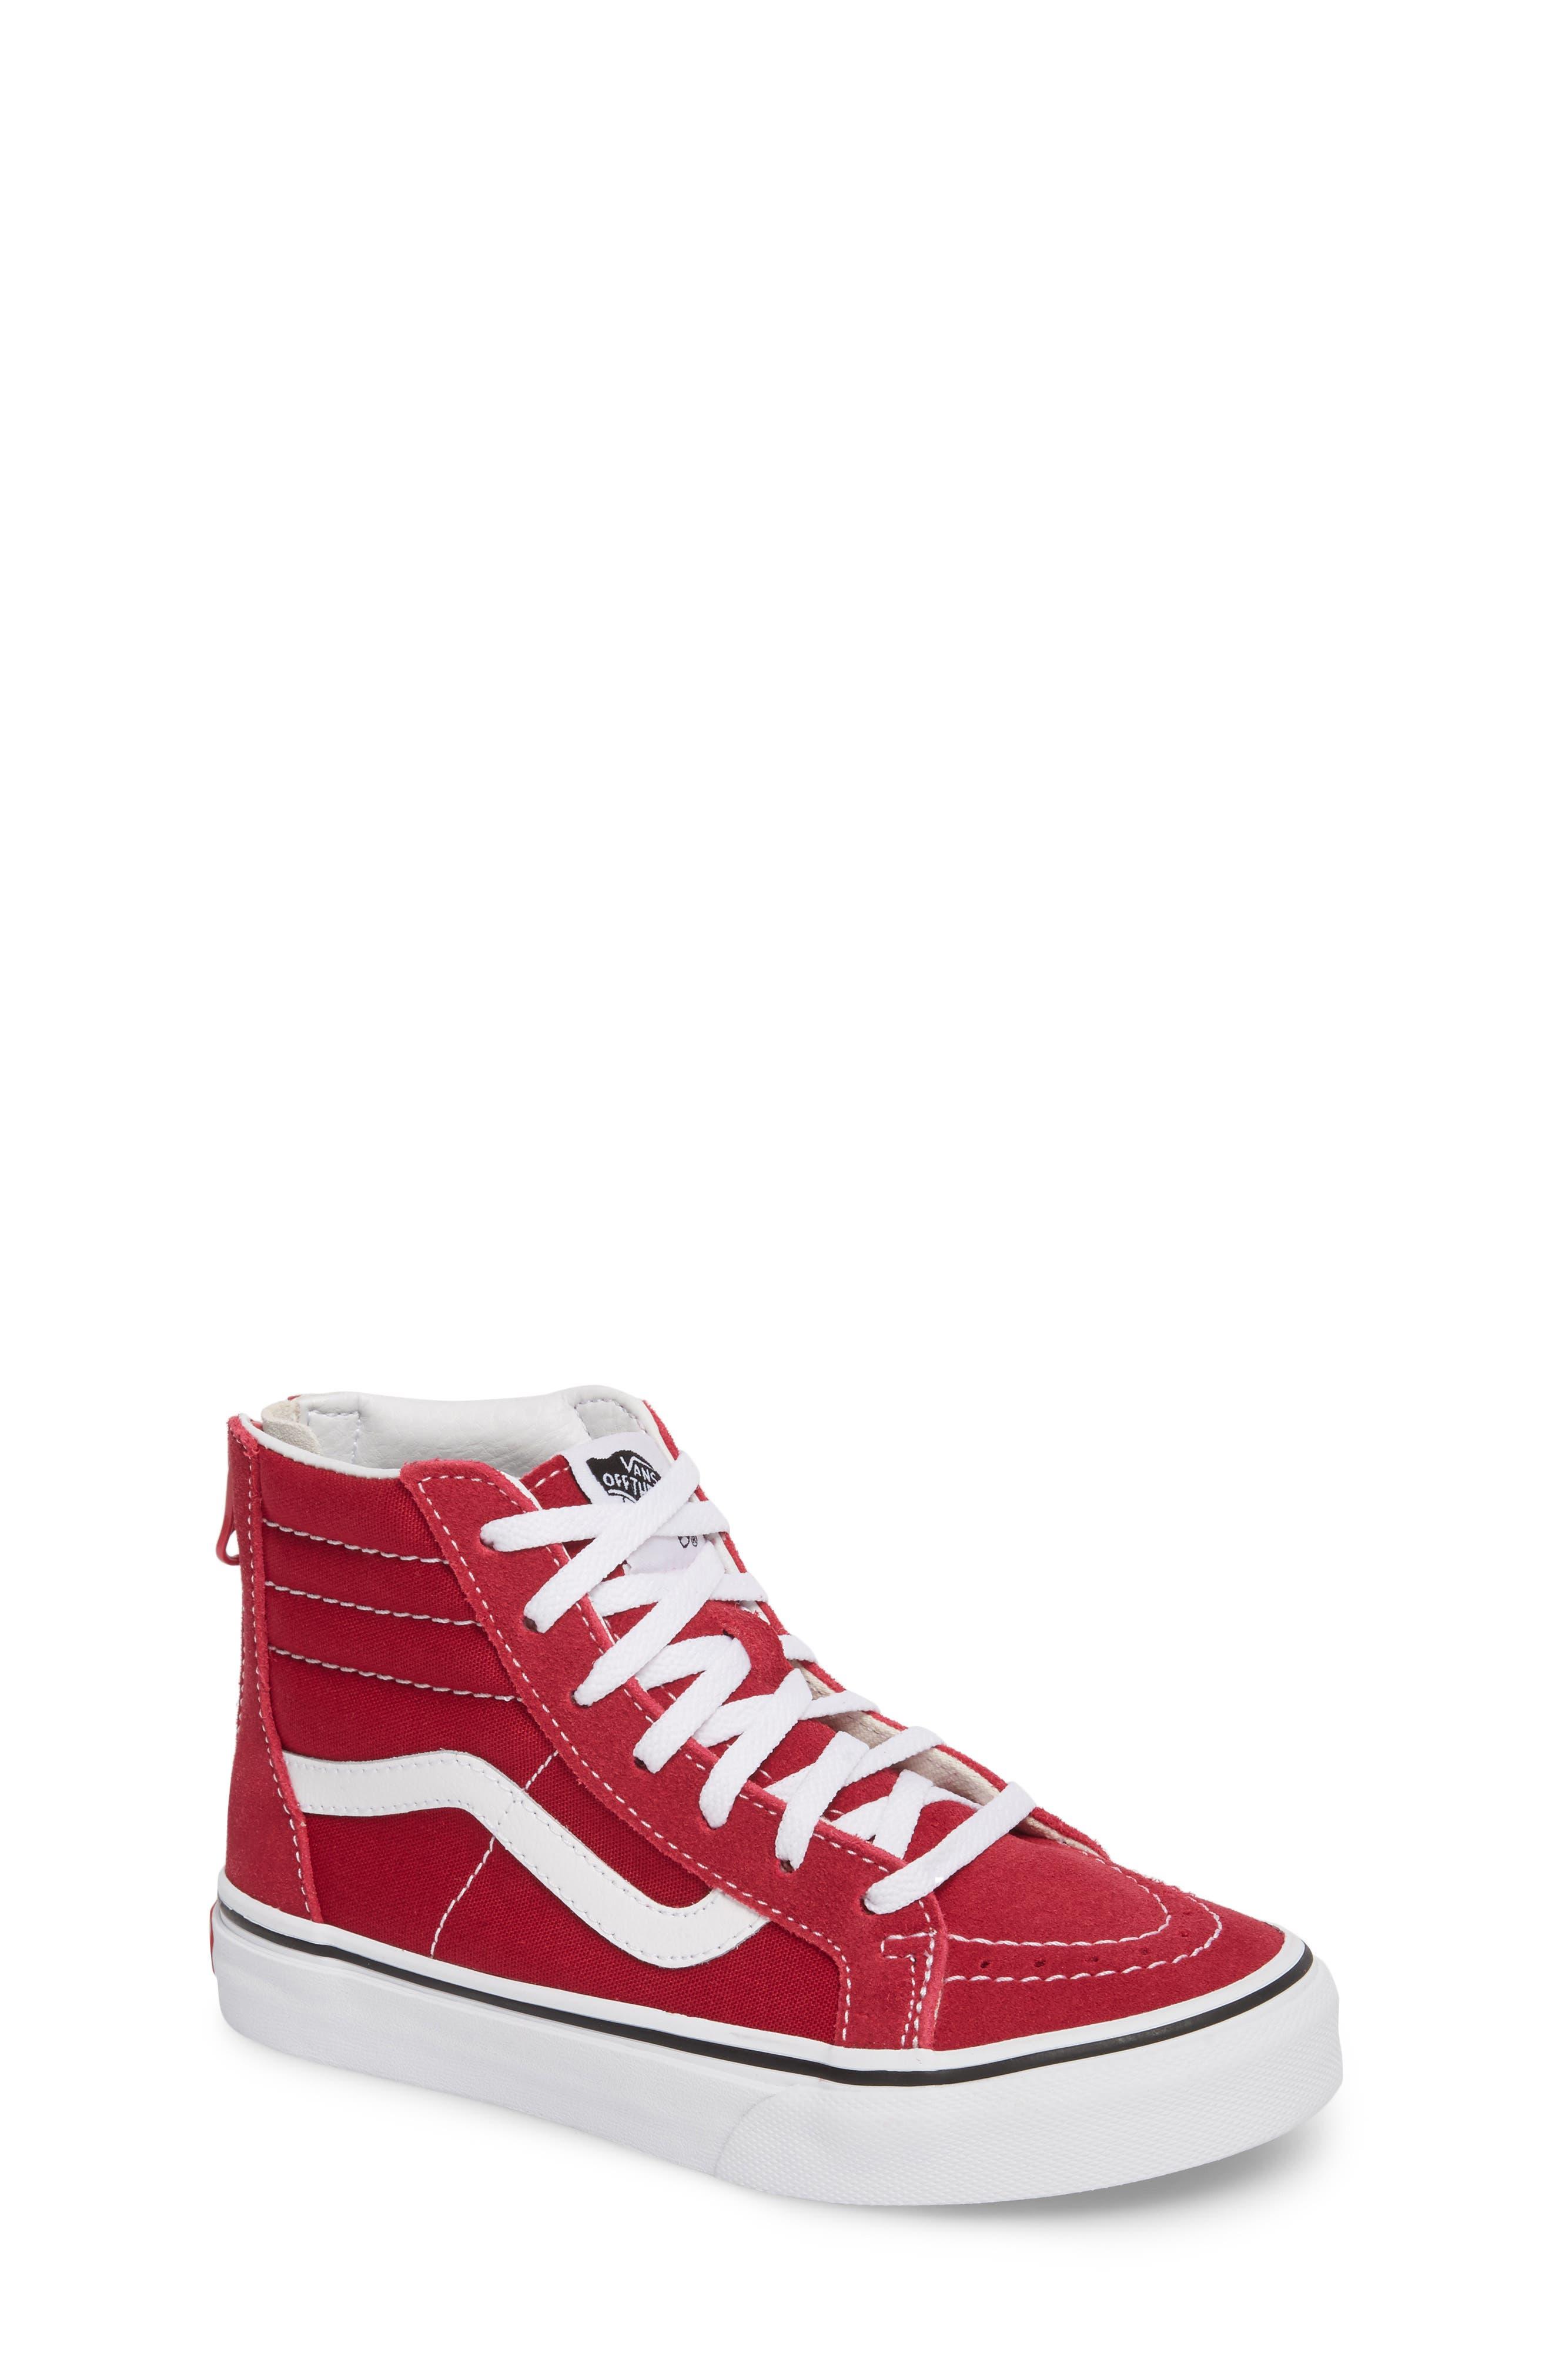 'Sk8-Hi' Zip Sneaker,                             Main thumbnail 1, color,                             Persian Red/ True White